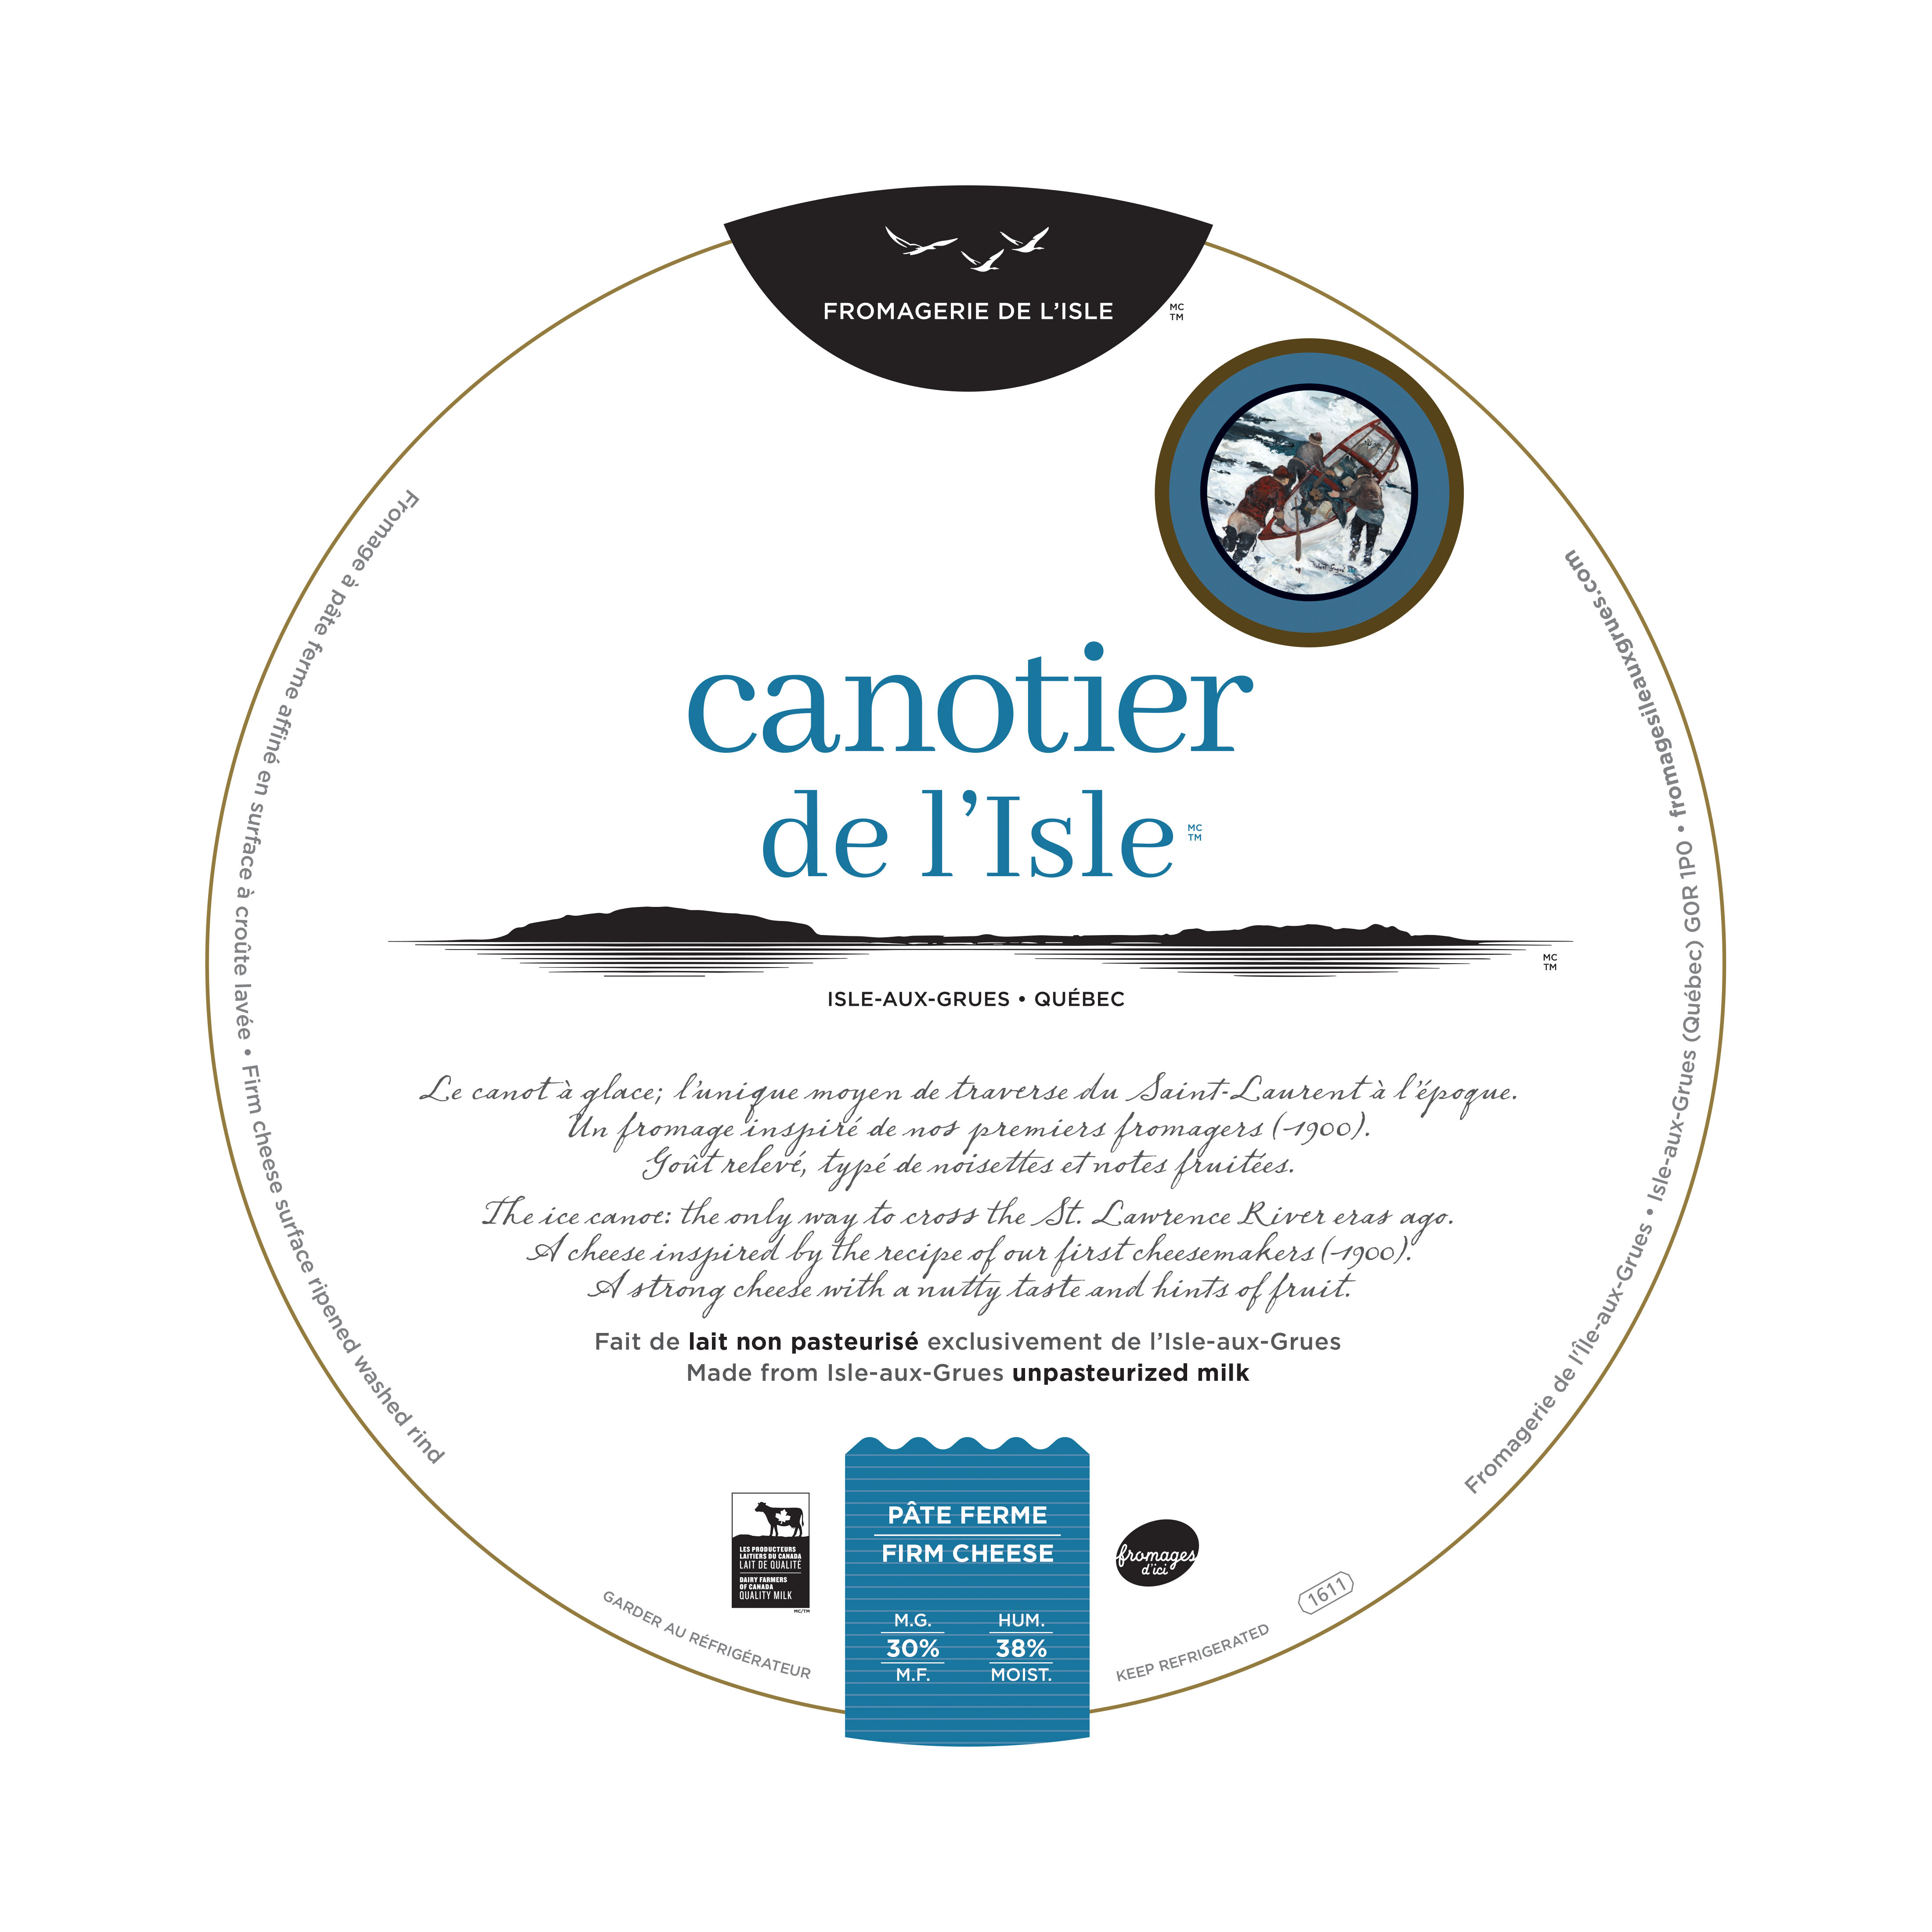 Le Canotier de L'Isle